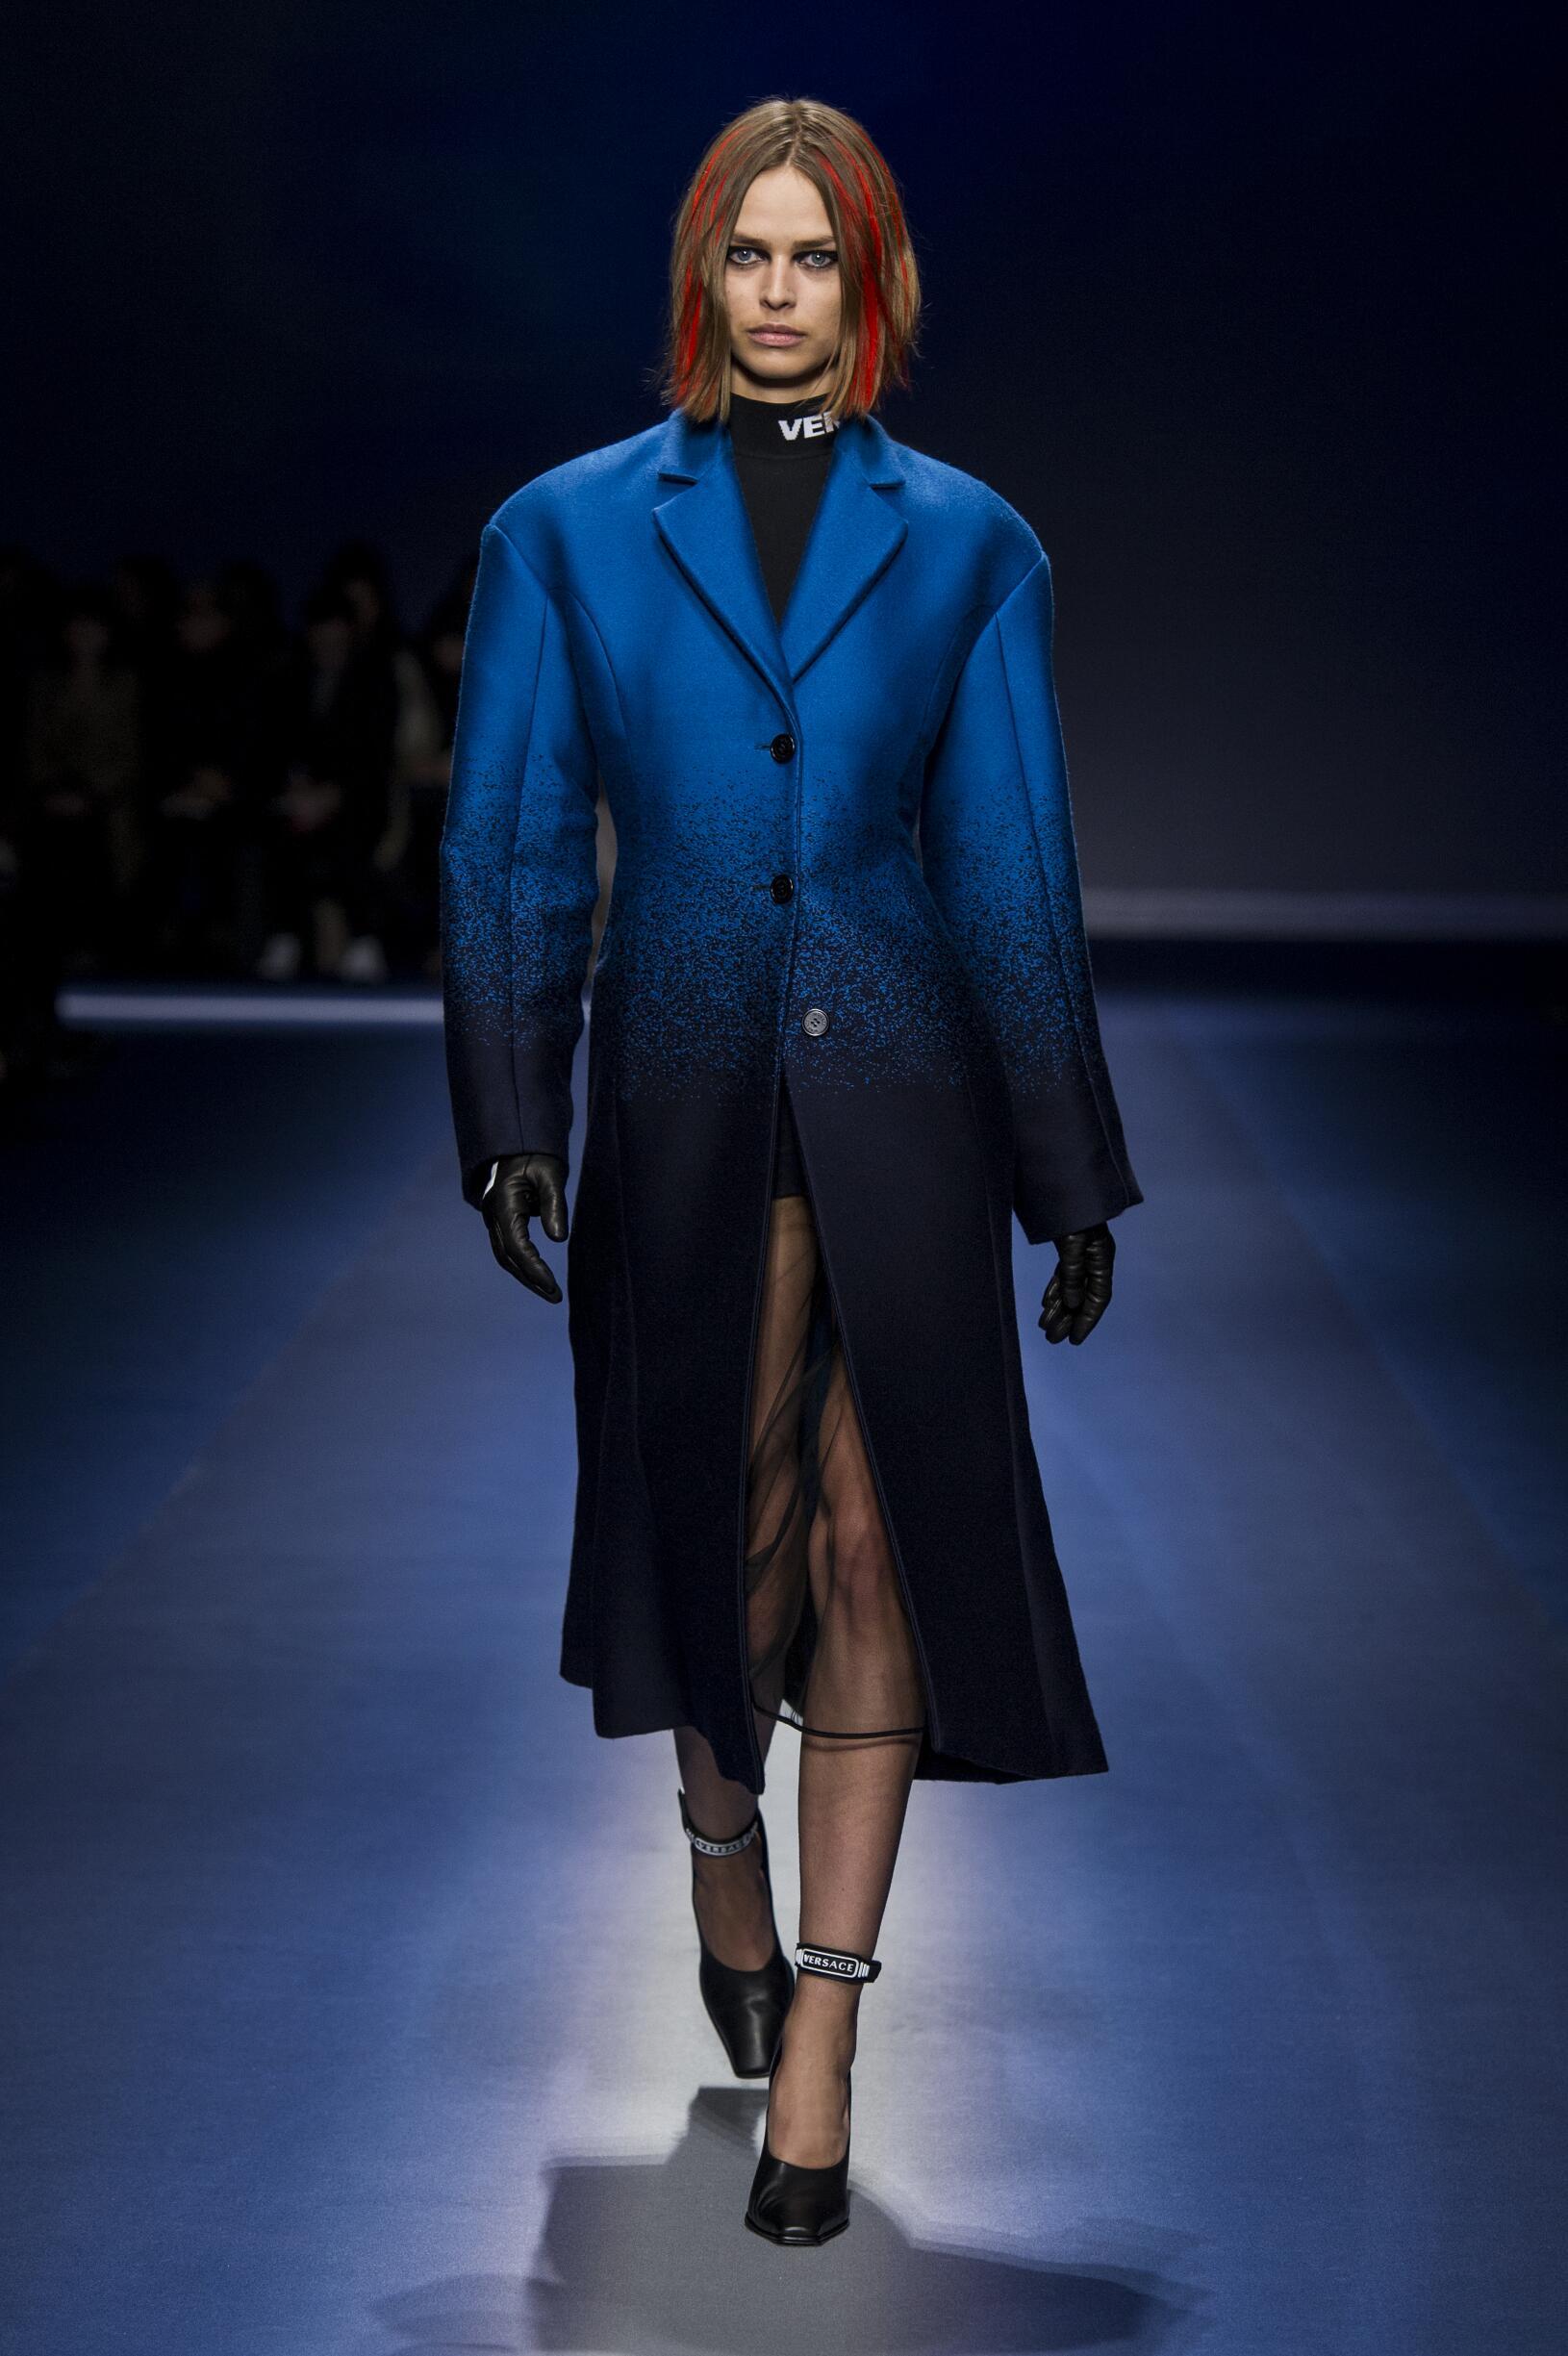 Versace Woman Catwalk